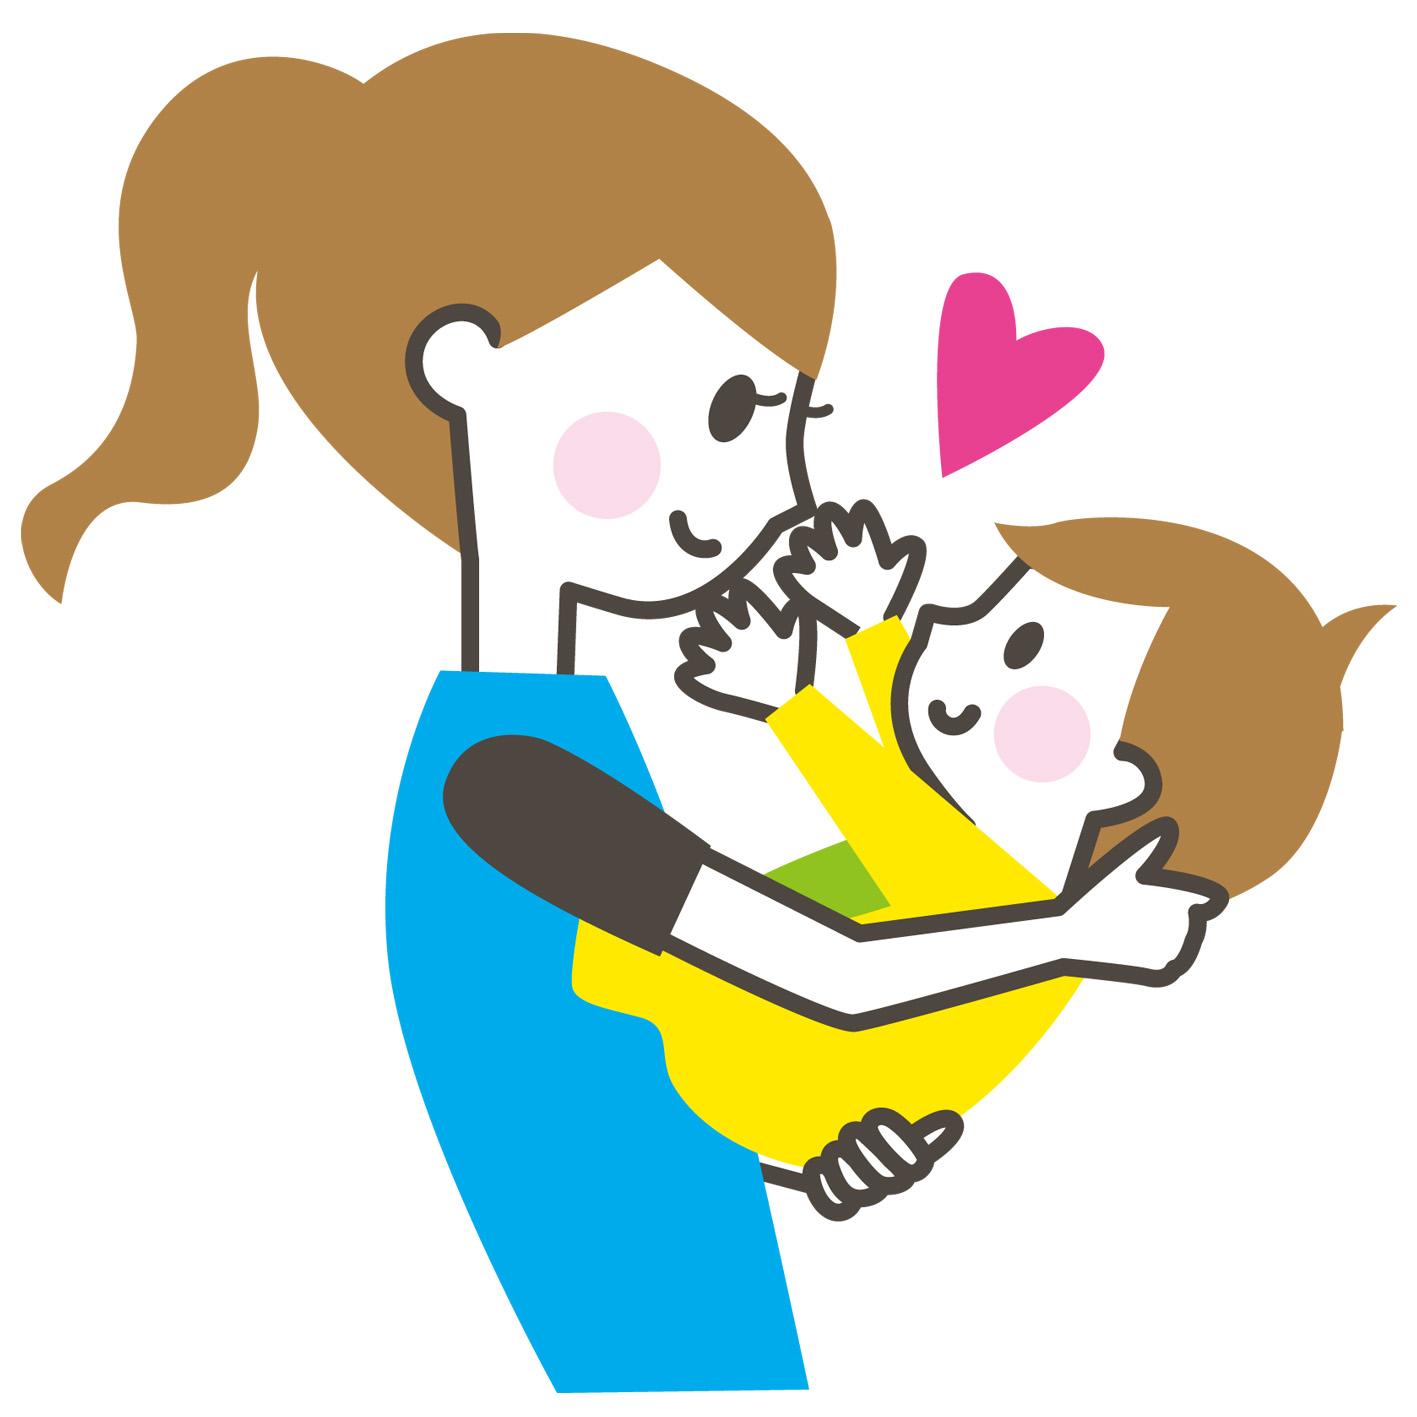 発達障害を抱える子どもと保護者の置かれている現状